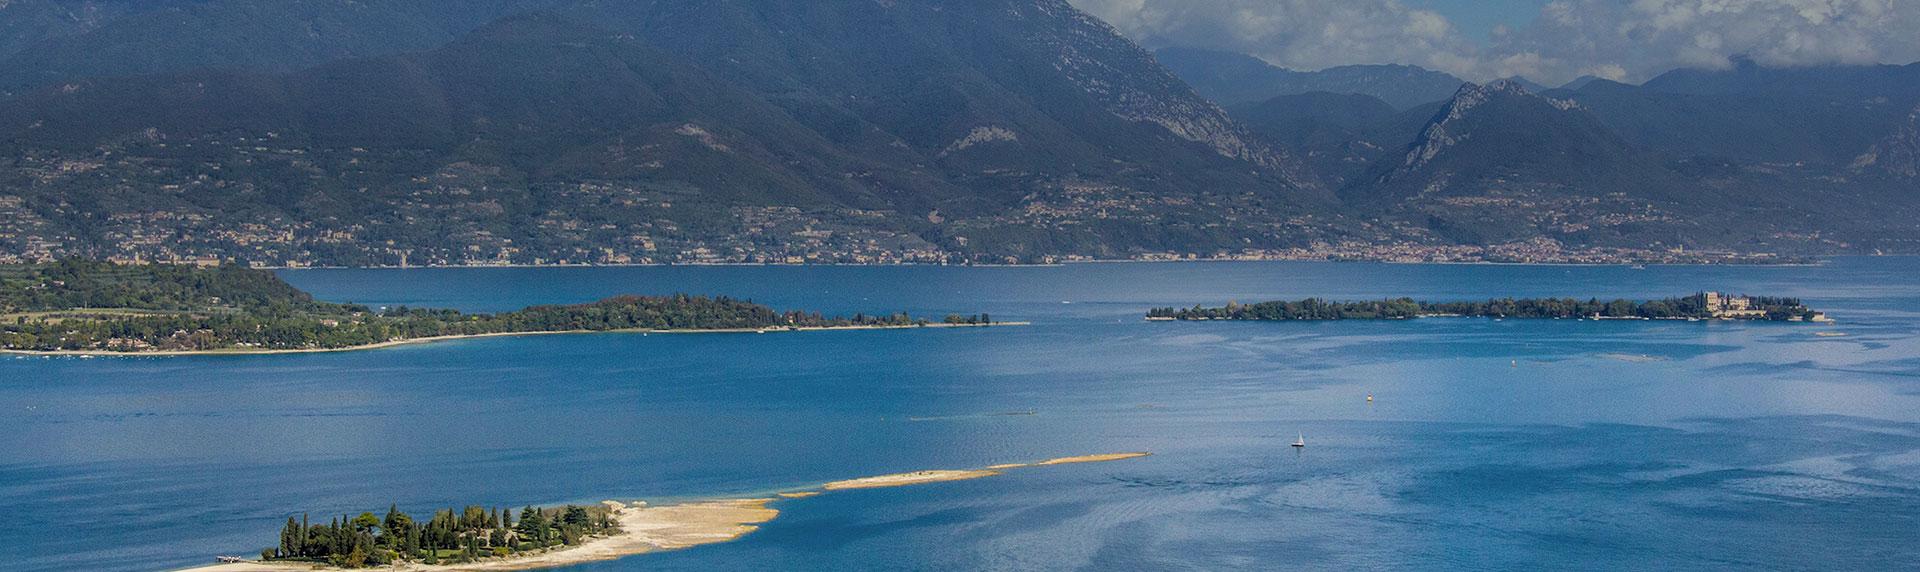 Cosa fare sul lago di Garda durante le vacanze a Brenzone